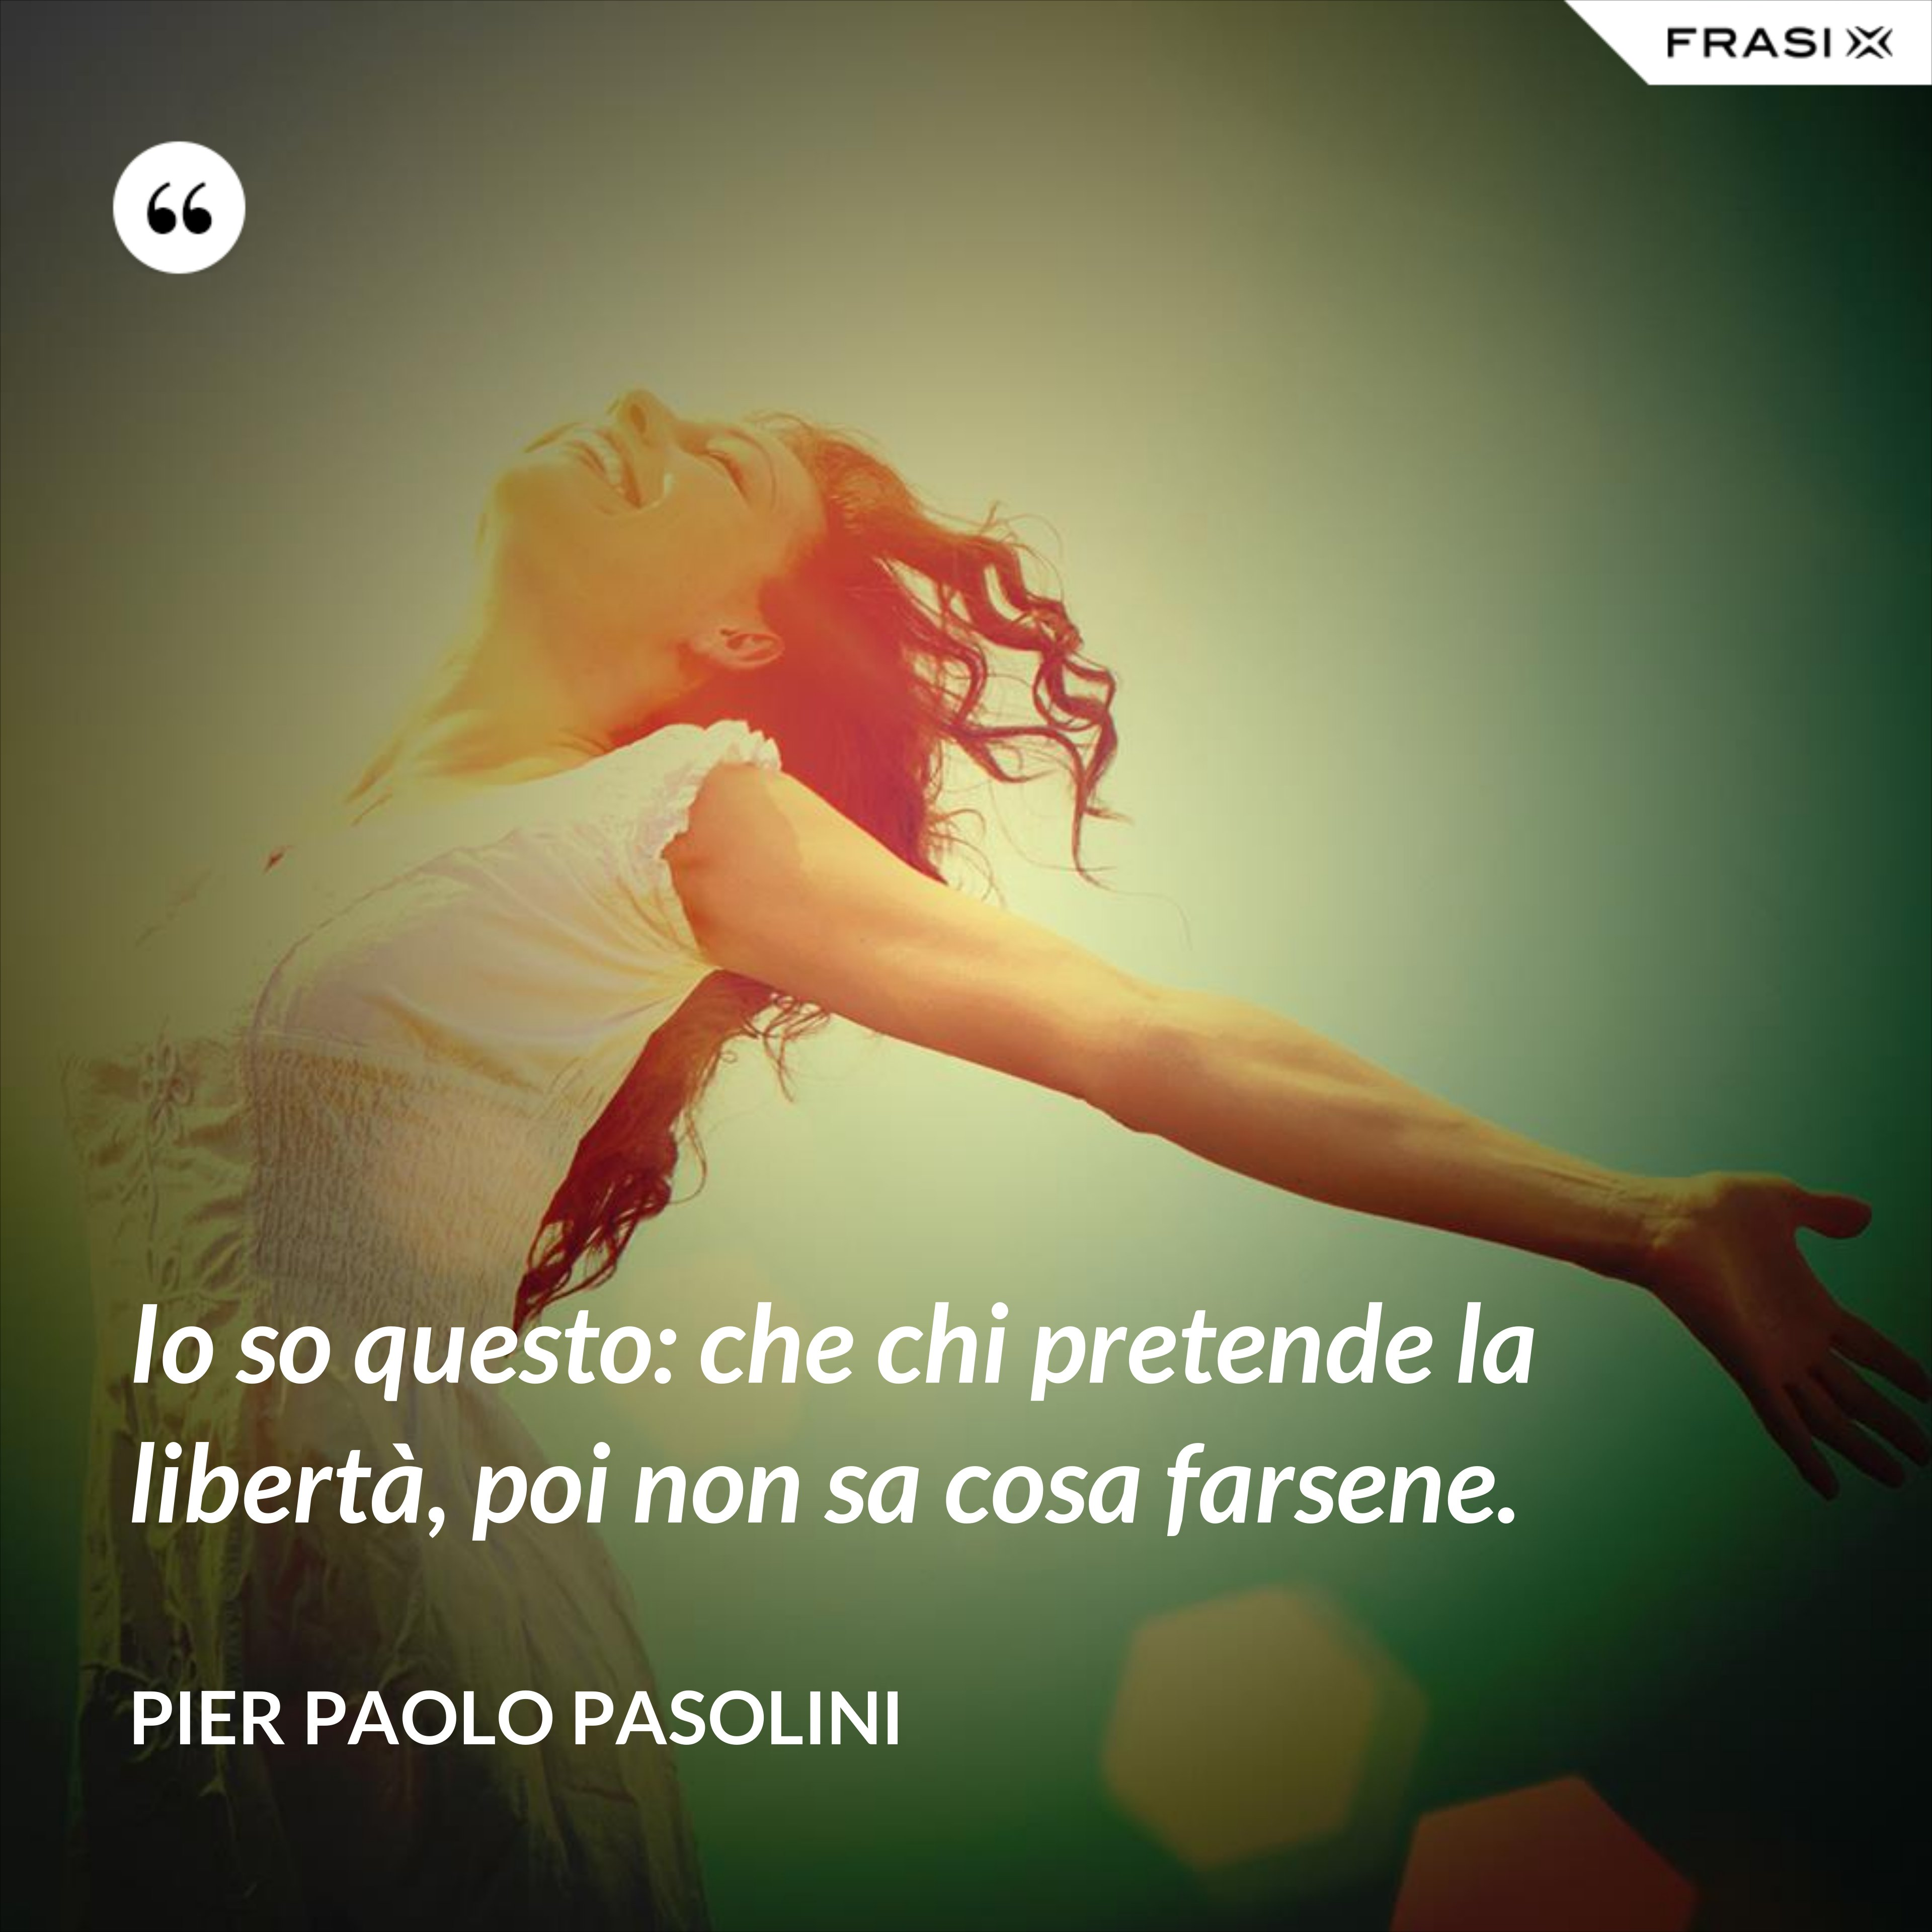 Io so questo: che chi pretende la libertà, poi non sa cosa farsene. - Pier Paolo Pasolini